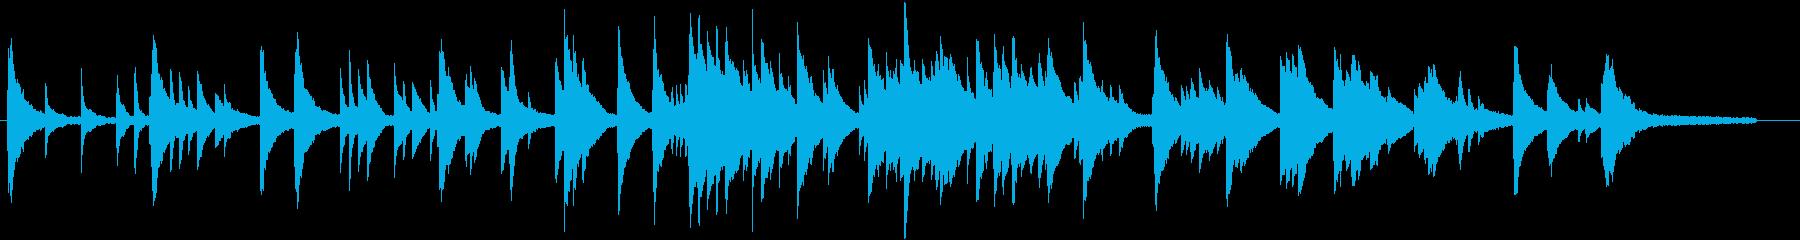 音の粒がしっかりしているピアノ・ソロ曲の再生済みの波形